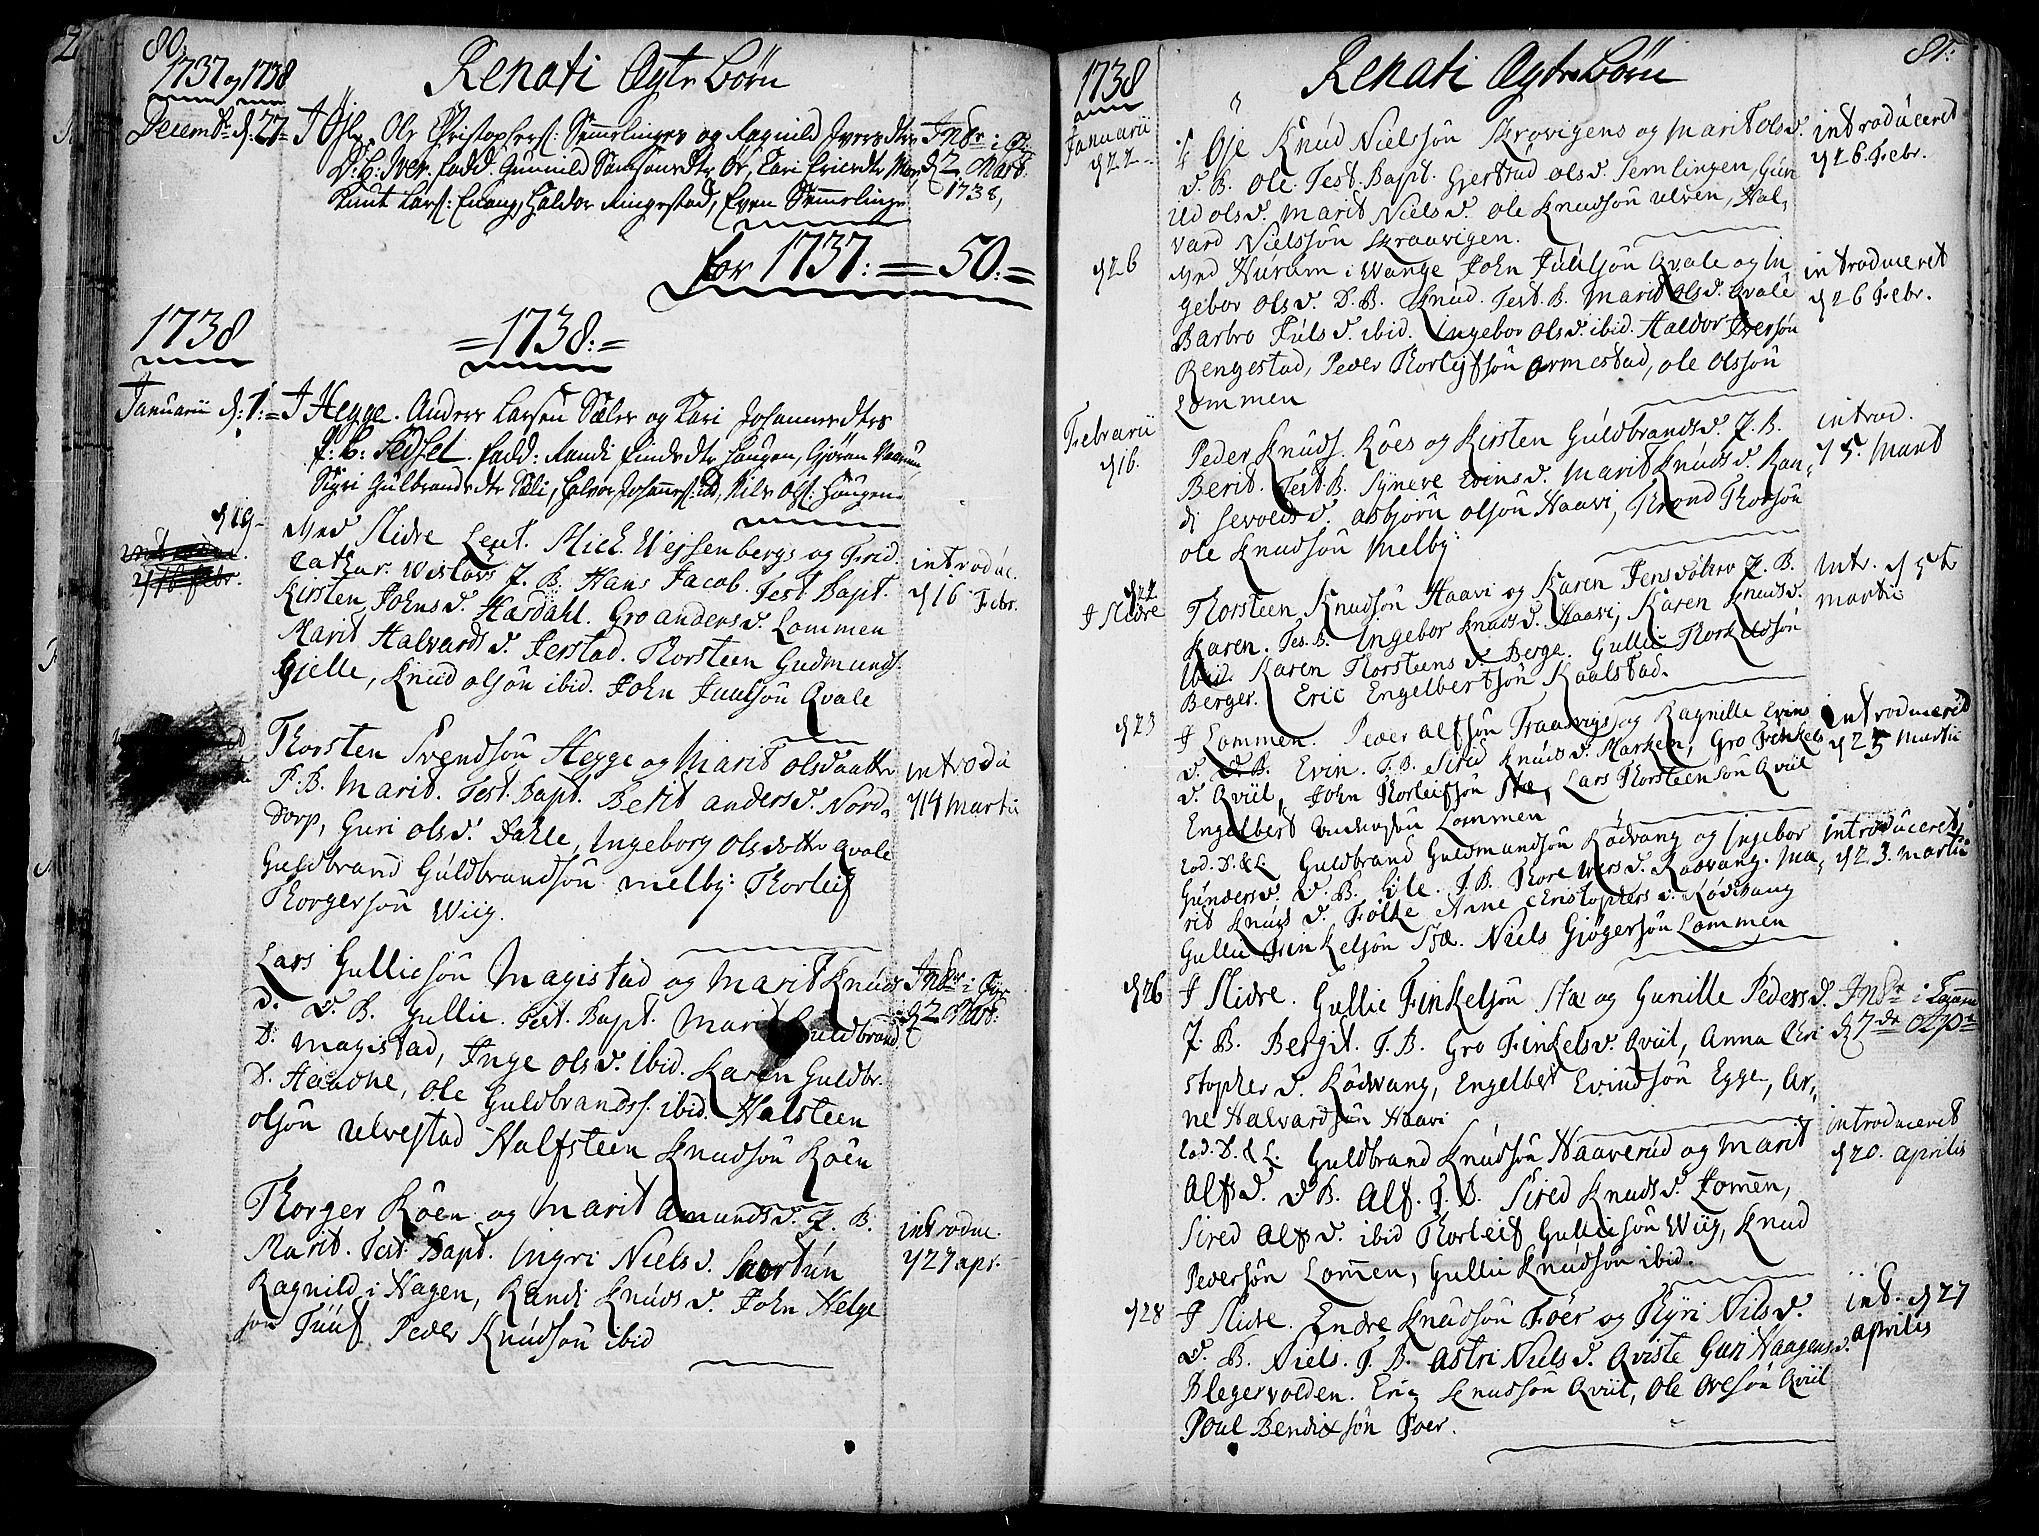 SAH, Slidre prestekontor, Ministerialbok nr. 1, 1724-1814, s. 80-81